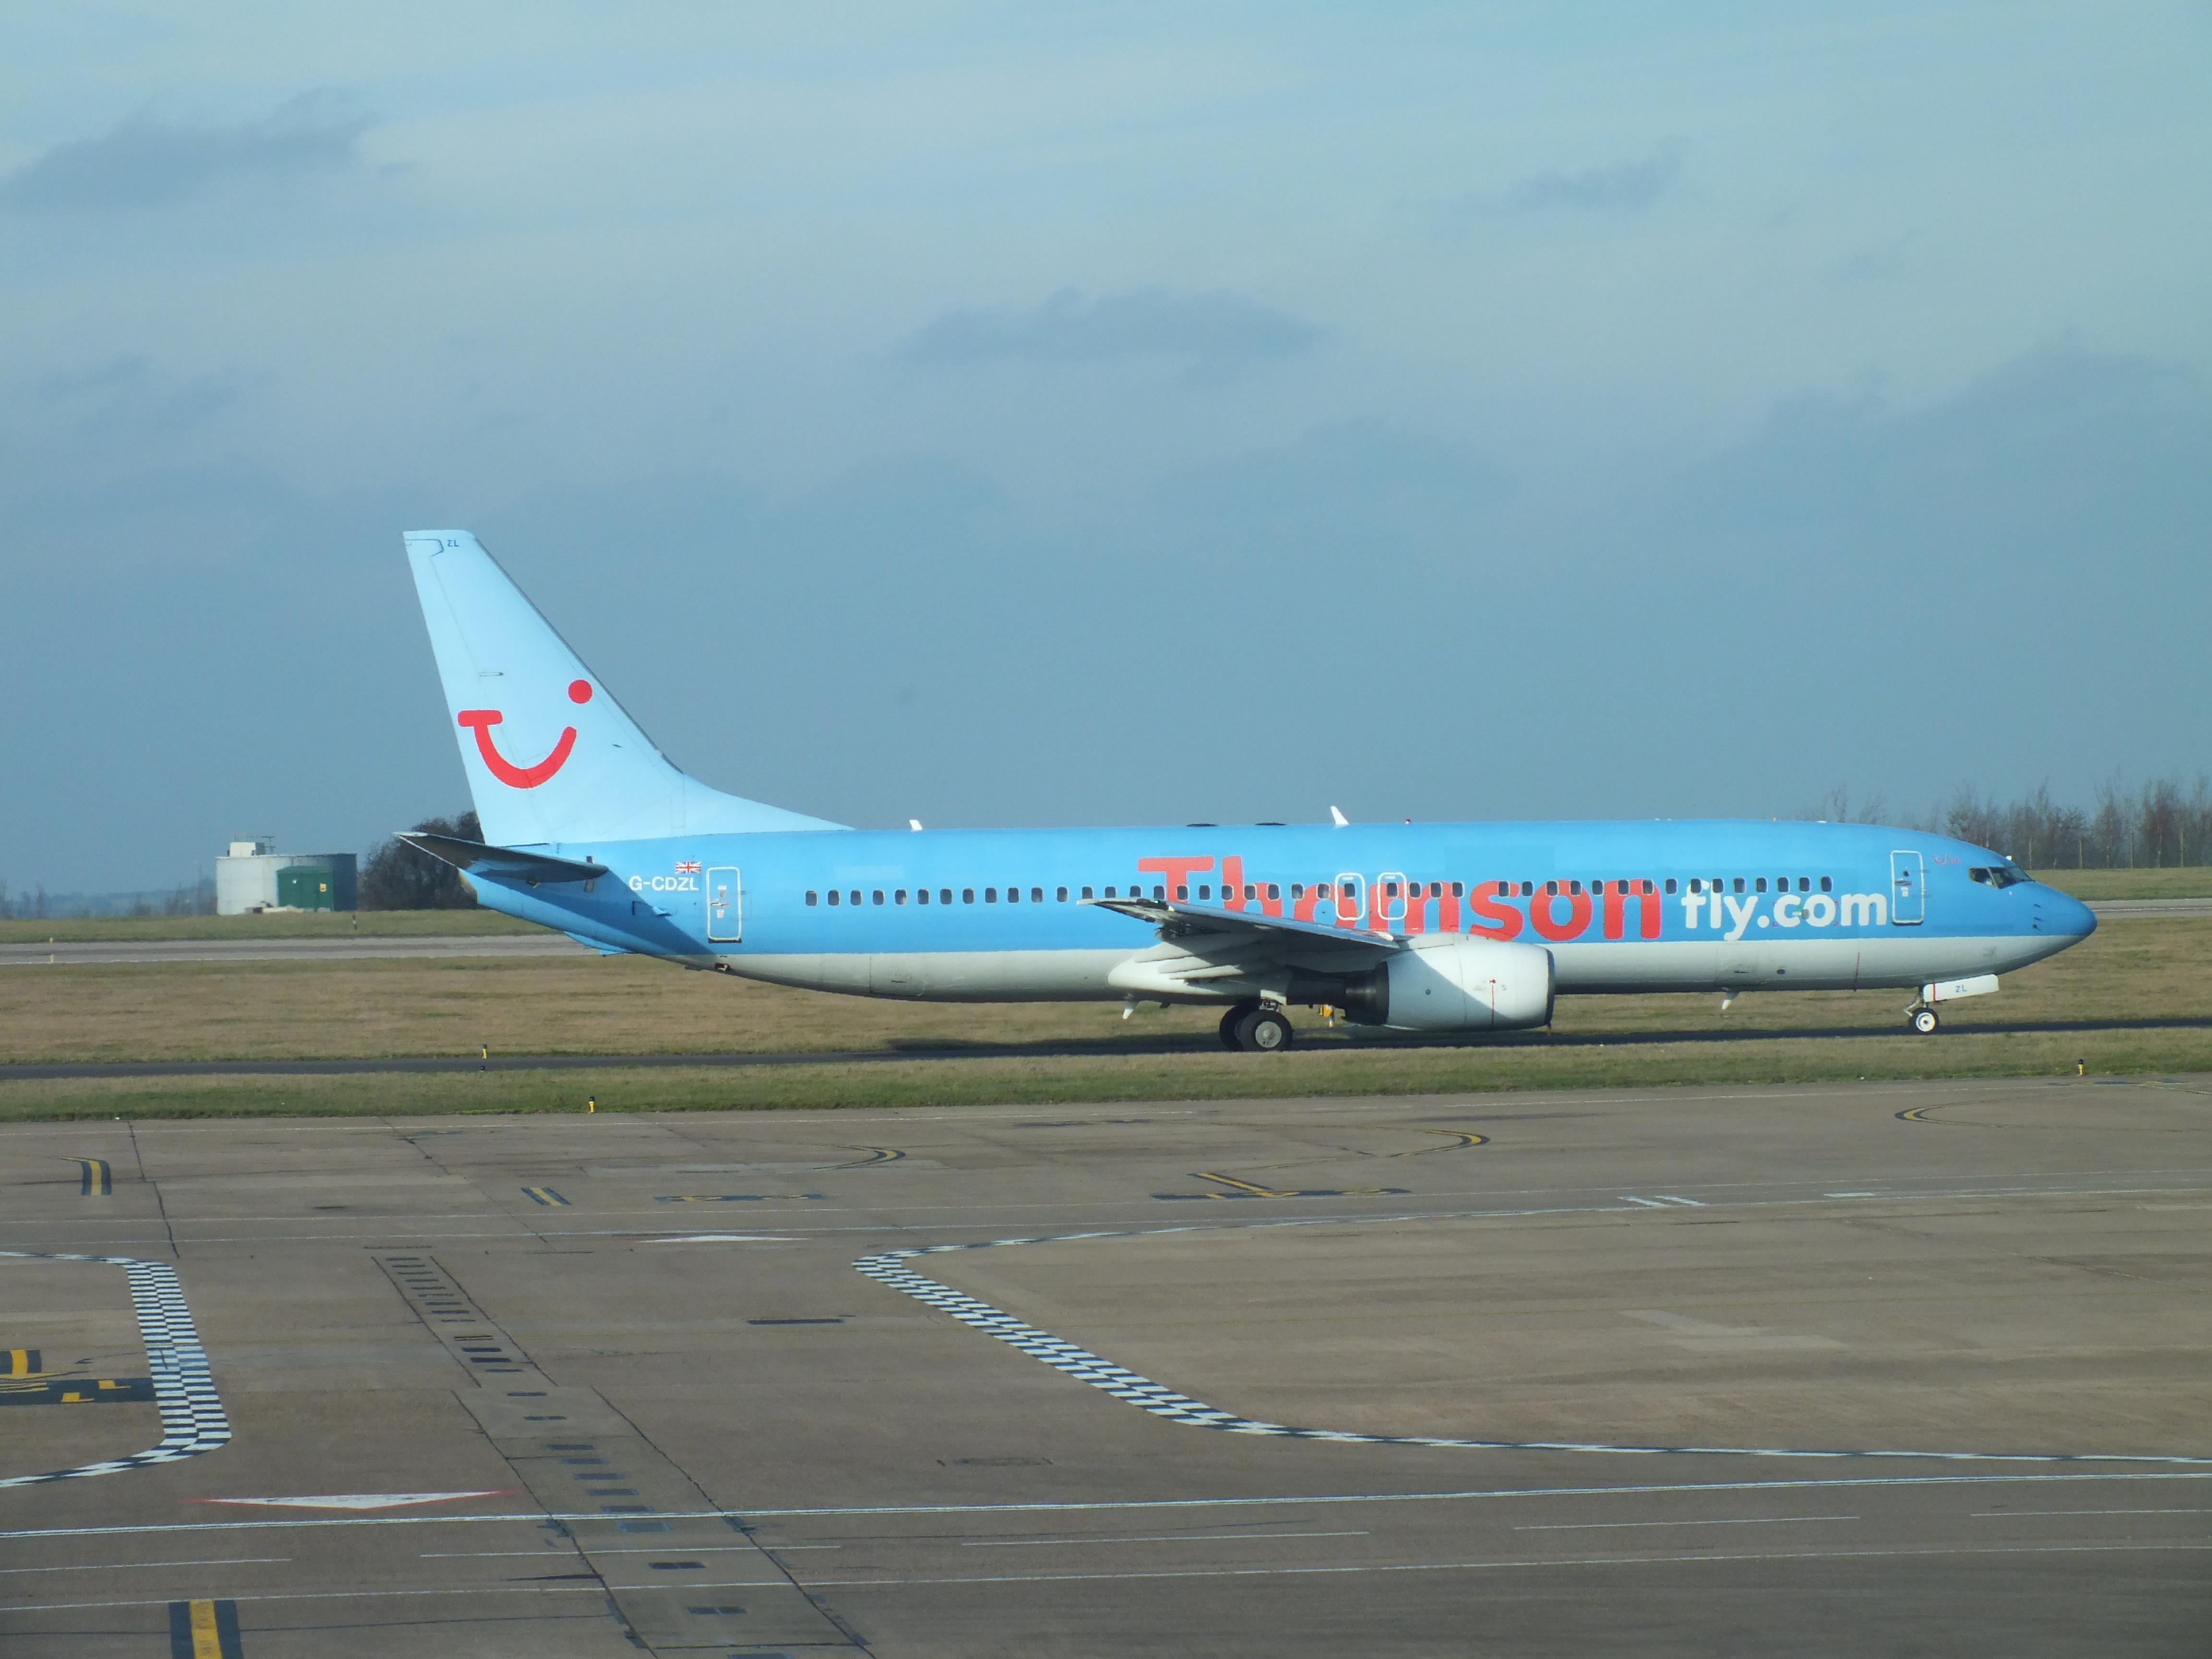 Aircraft, Airplane, Airport, Plane, HQ Photo